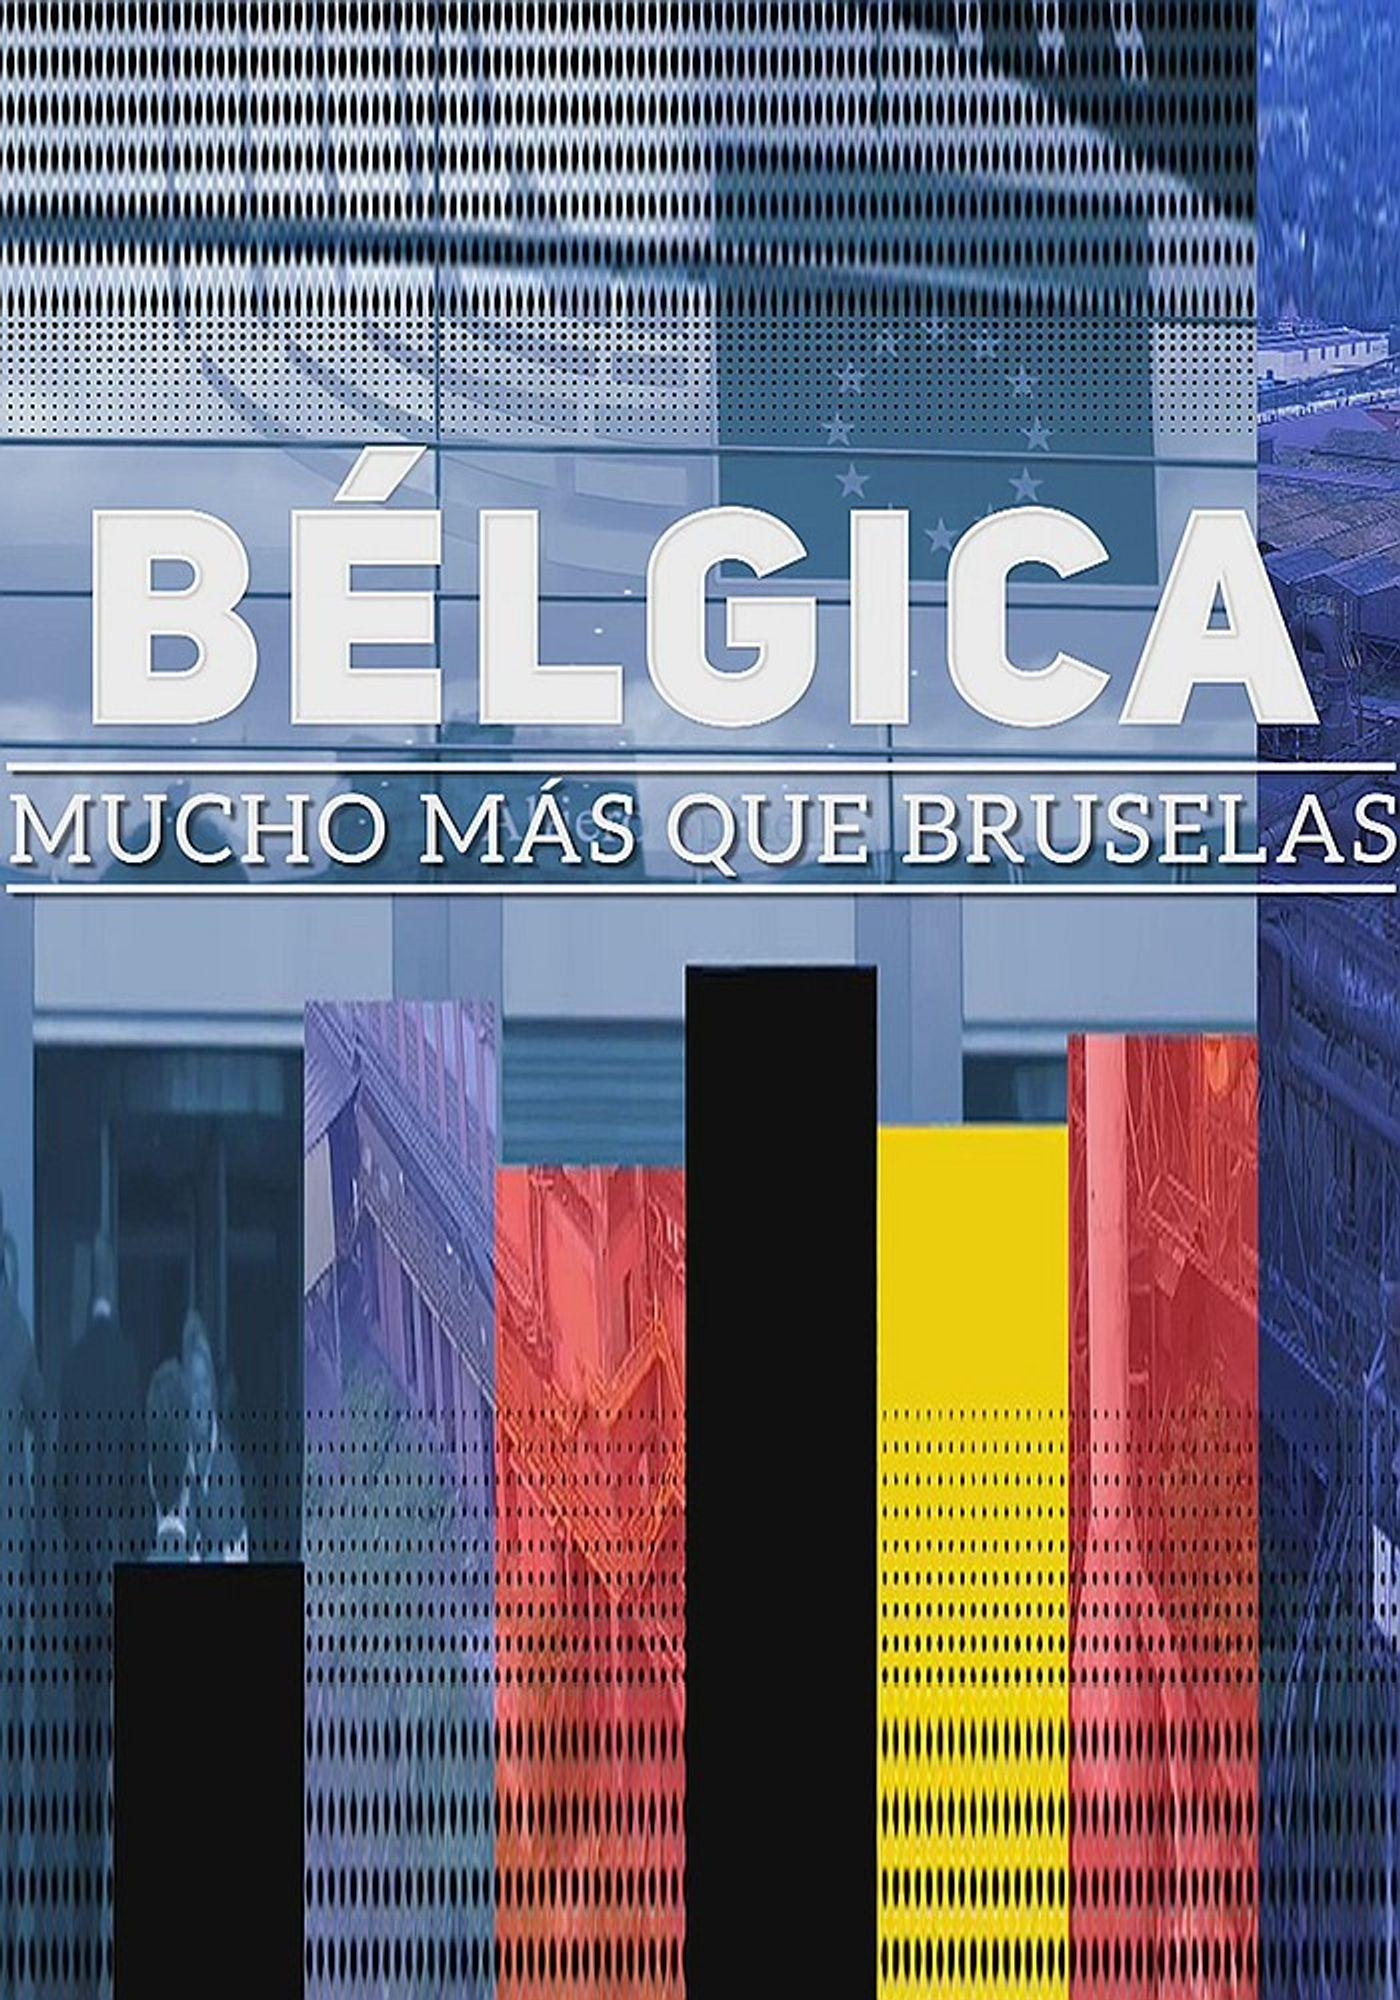 7sk37603fdkf_belgica_poster.jpg